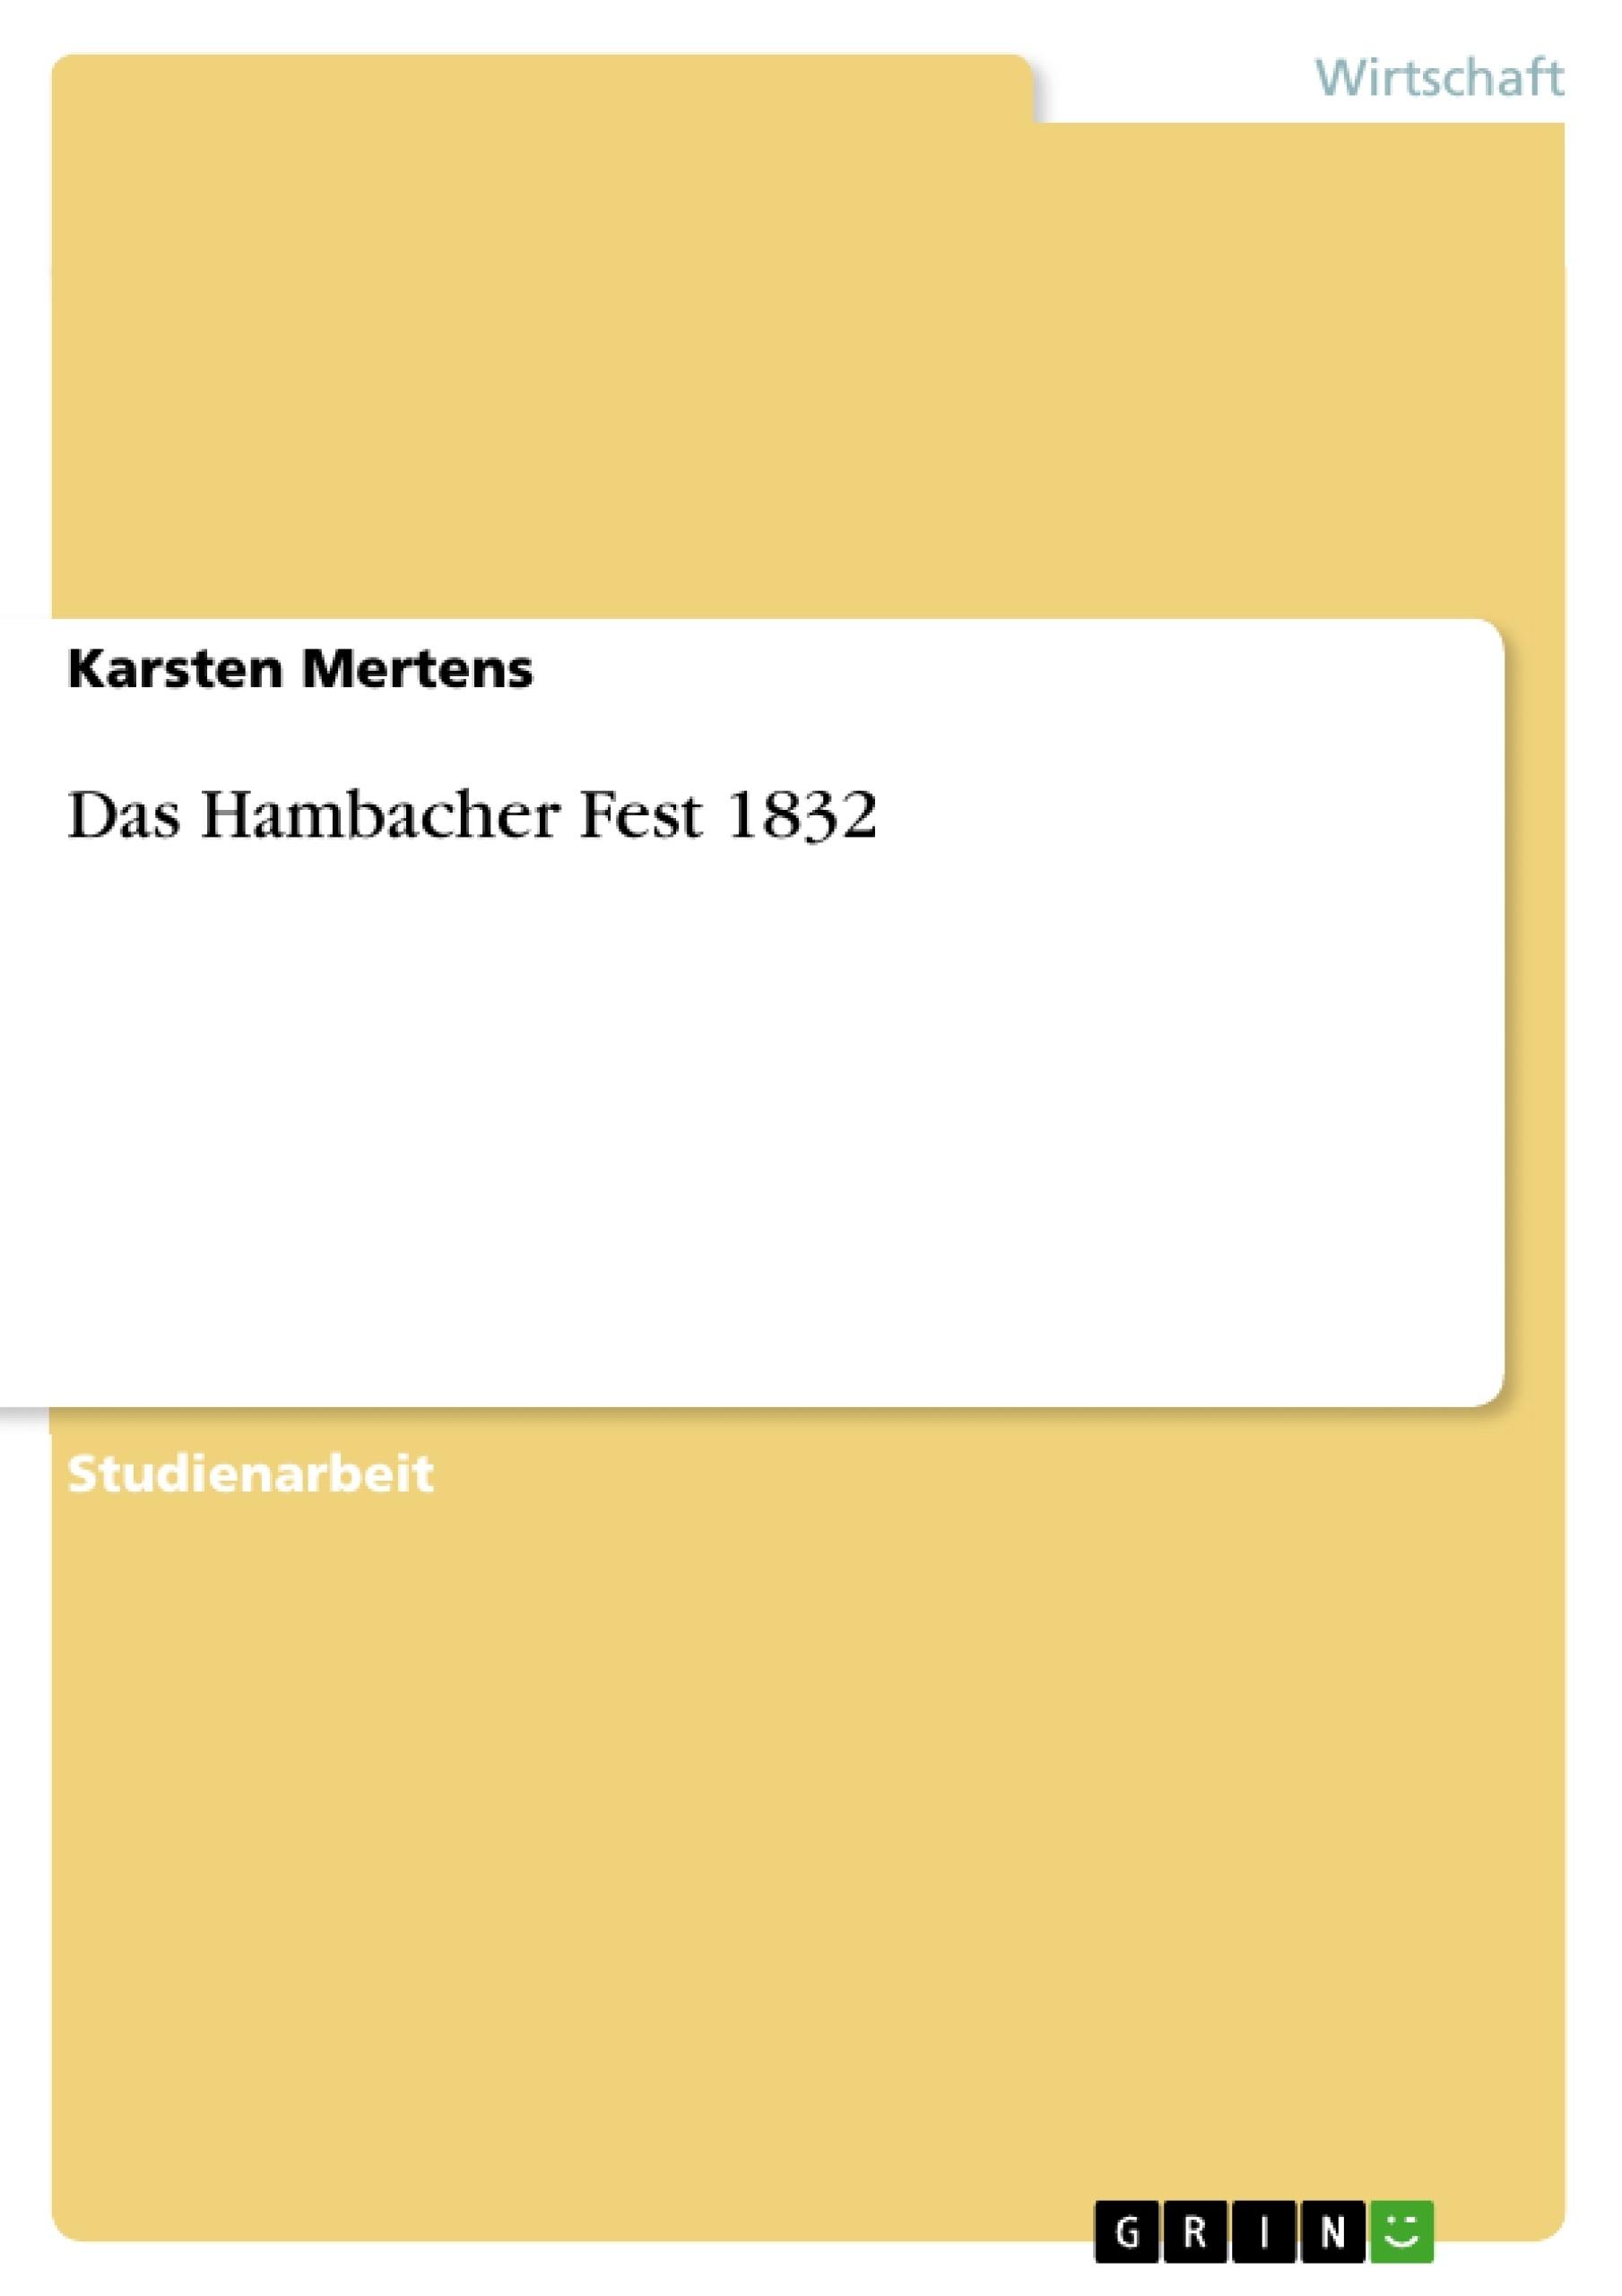 Titel: Das Hambacher Fest 1832